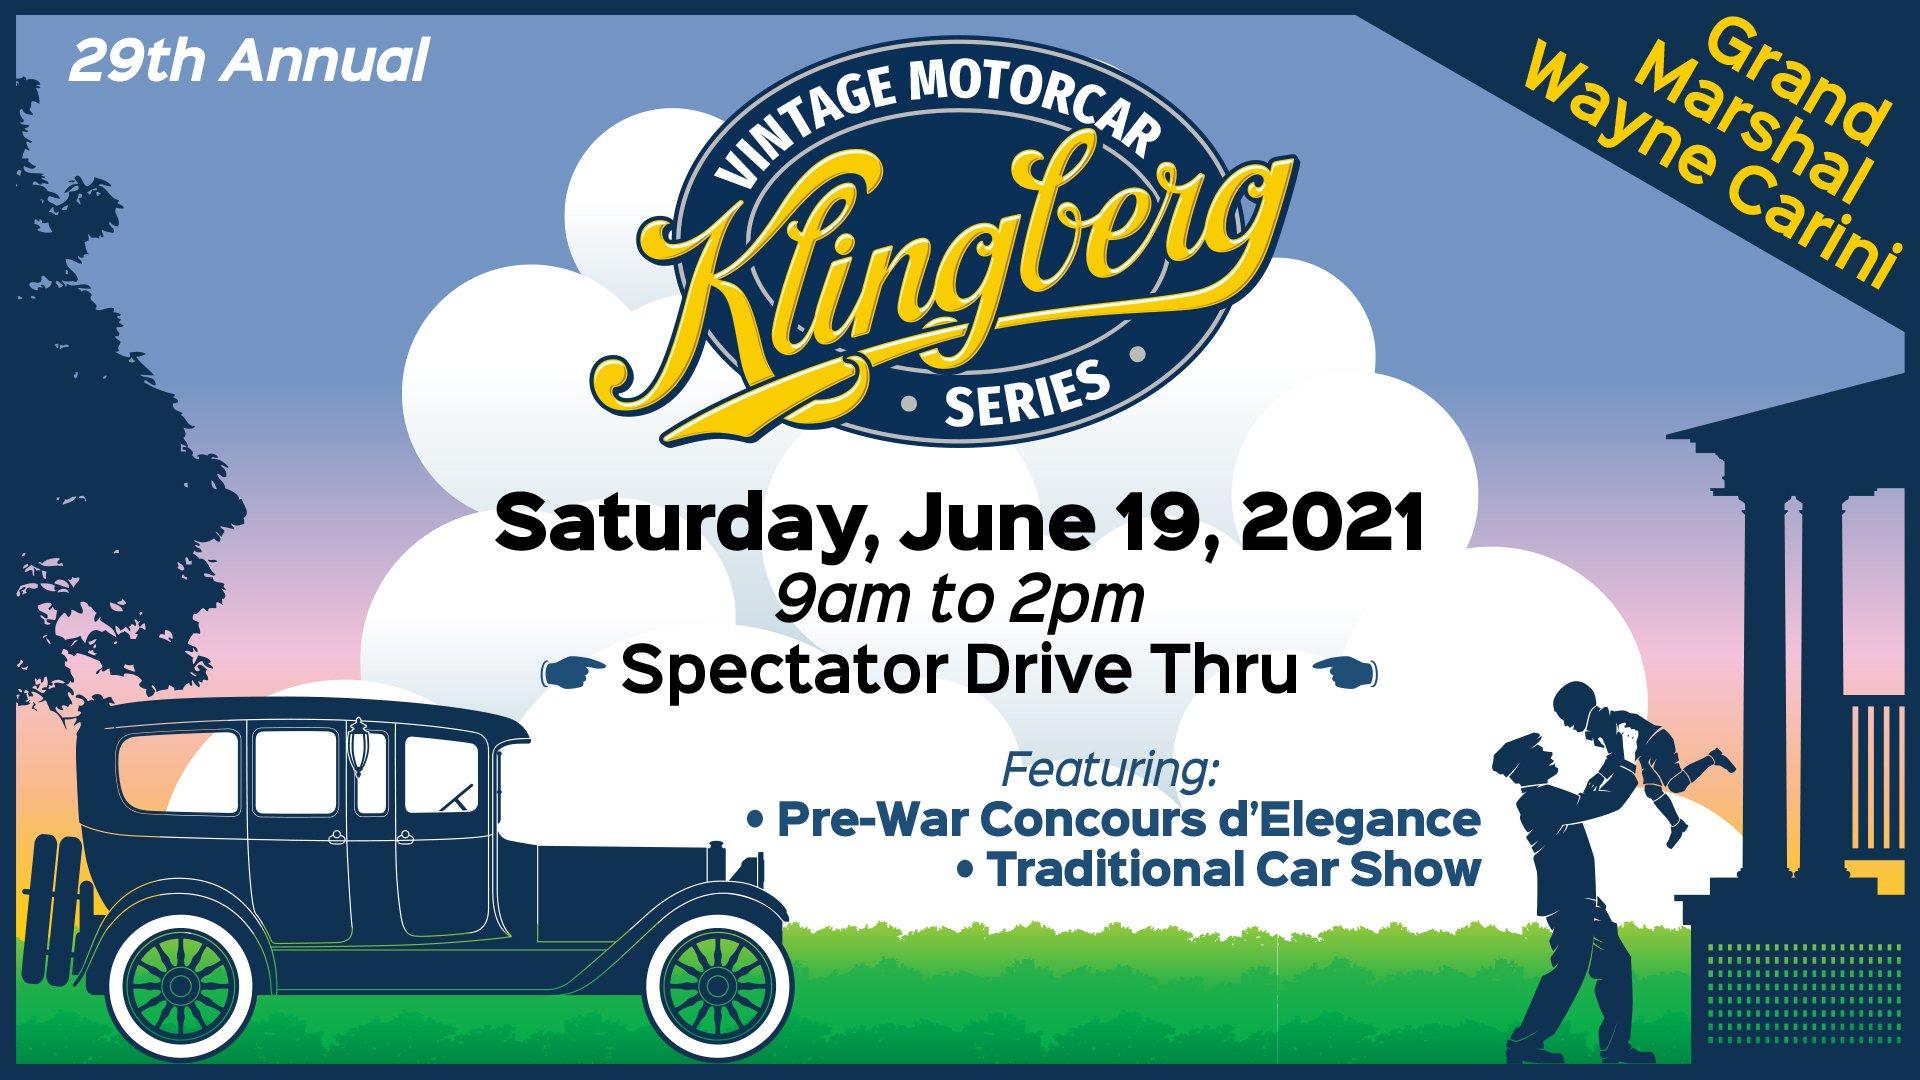 Klingberg Motorcar Series - Spet 26, 2020